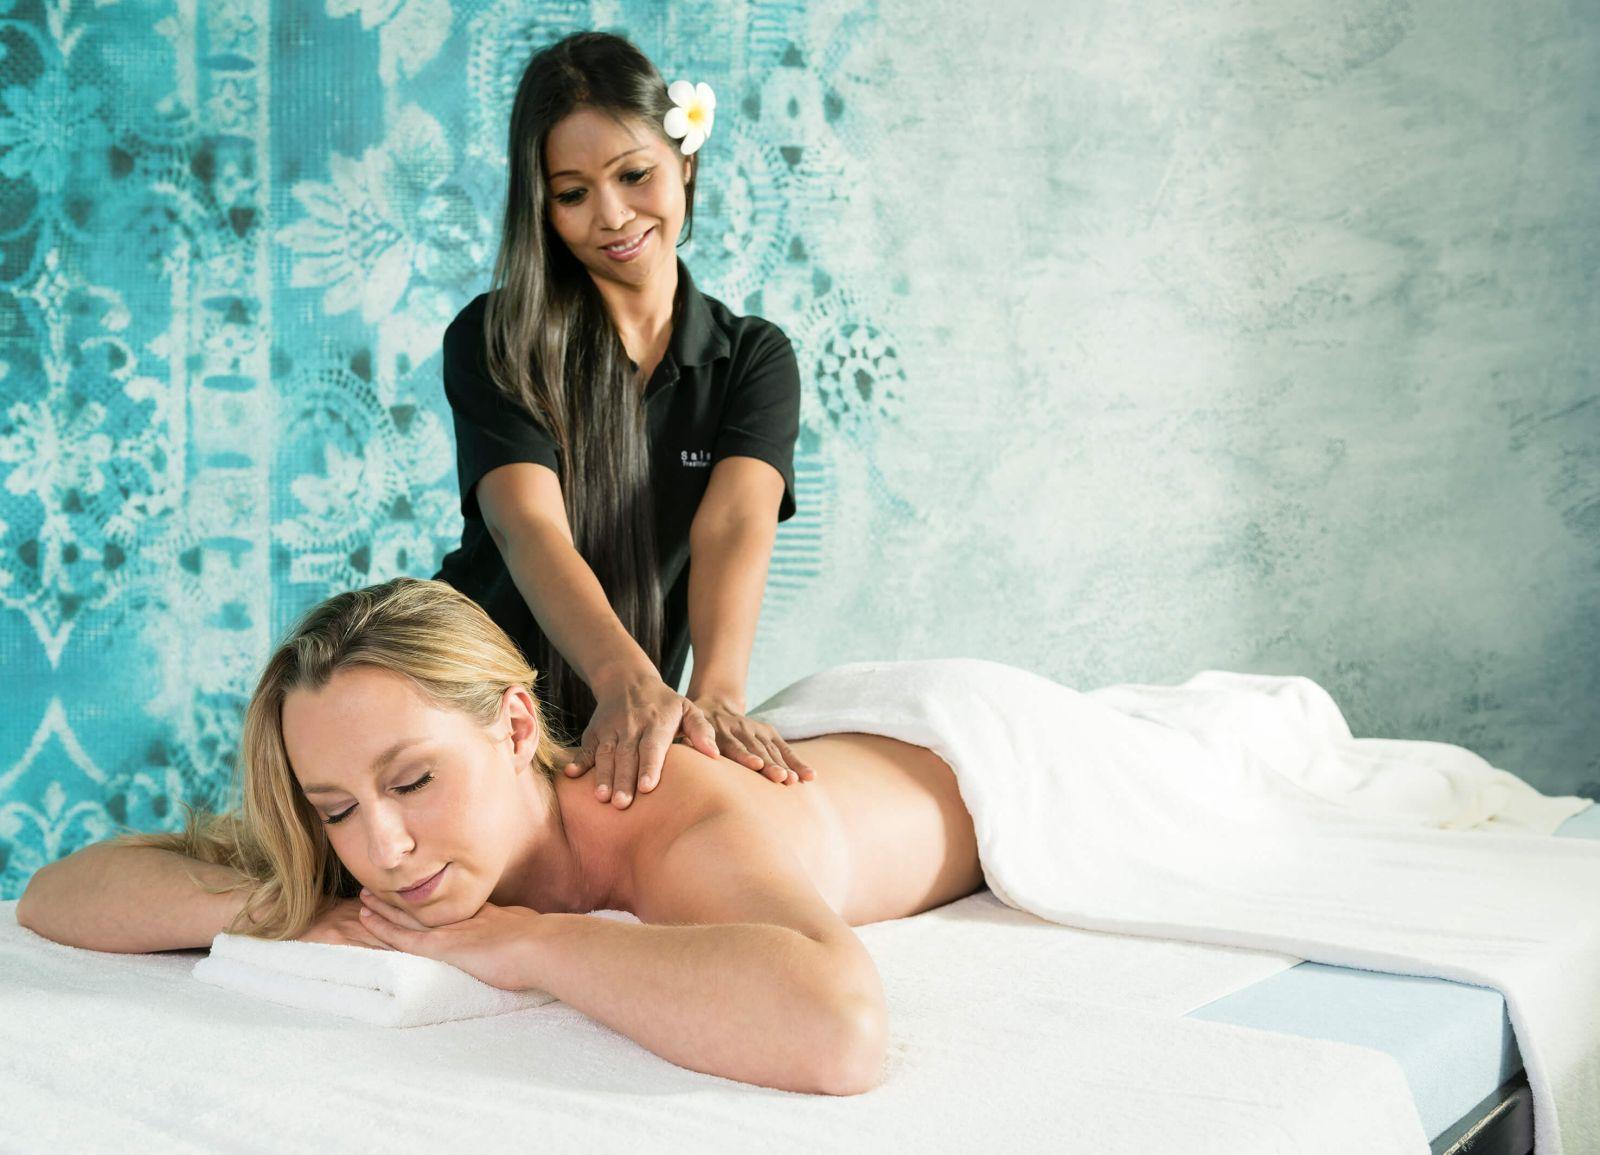 massagen in m nchen in vebidoobiz finden. Black Bedroom Furniture Sets. Home Design Ideas